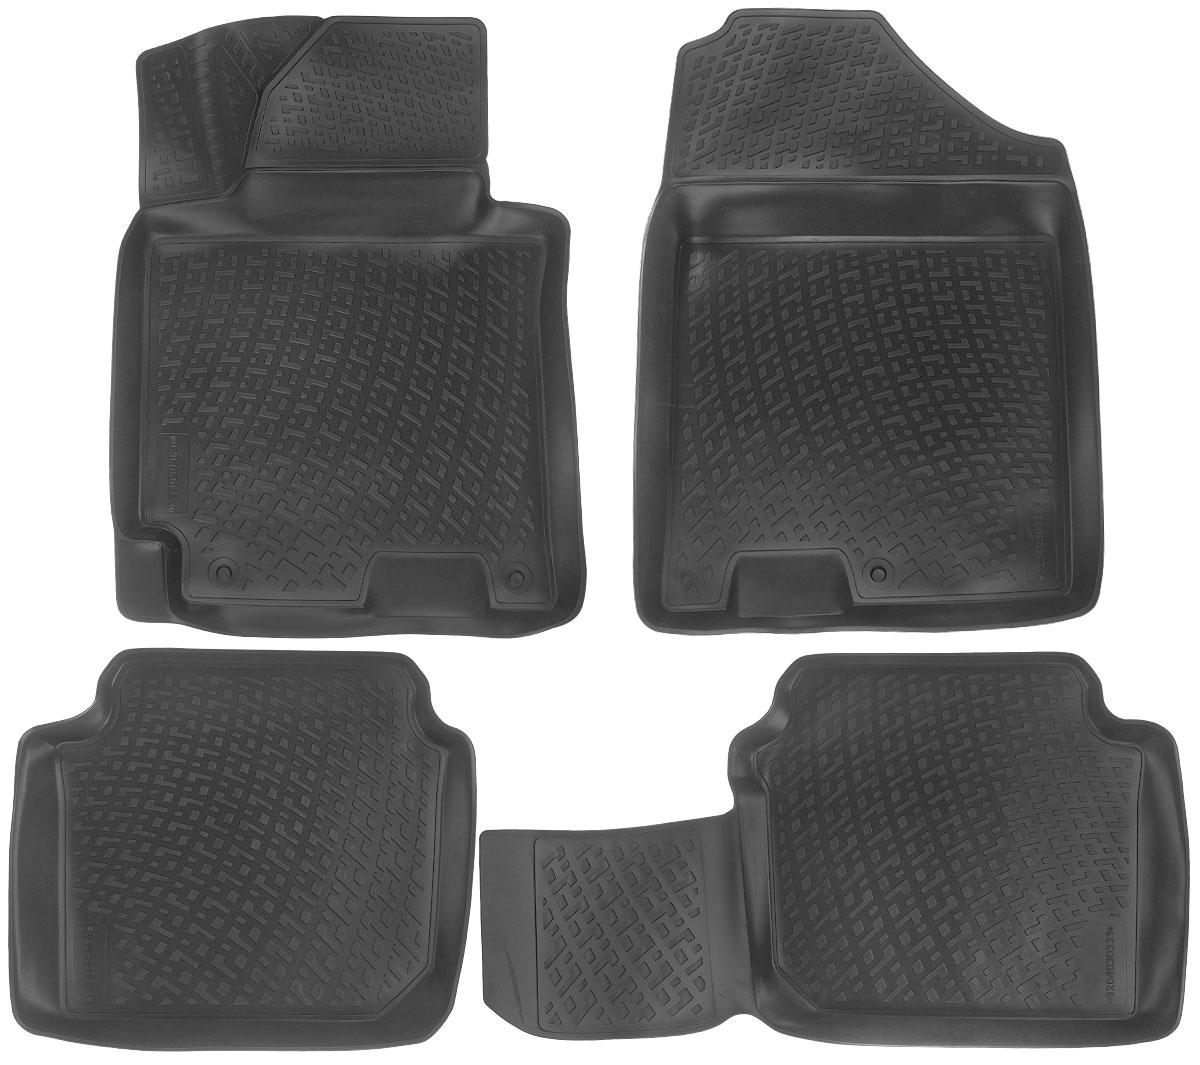 Набор автомобильных ковриков L.Locker Hyundai Elantra 2011, в салон, 4 шт0204030301Набор L.Locker Hyundai Elantra 2011, изготовленный из полиуретана, состоит из 4 антискользящих 3D ковриков, которые производятся индивидуально для каждой модели автомобиля. Изделие точно повторяет геометрию пола автомобиля, имеет высокий борт, обладает повышенной износоустойчивостью, лишено резкого запаха и сохраняет свои потребительские свойства в широком диапазоне температур от -50°С до +50°С.Комплектация: 4 шт.Размер ковриков: 77 см х 57 см; 57 см х 50 см; 89 см х 49 см; 77 см х 58 см.